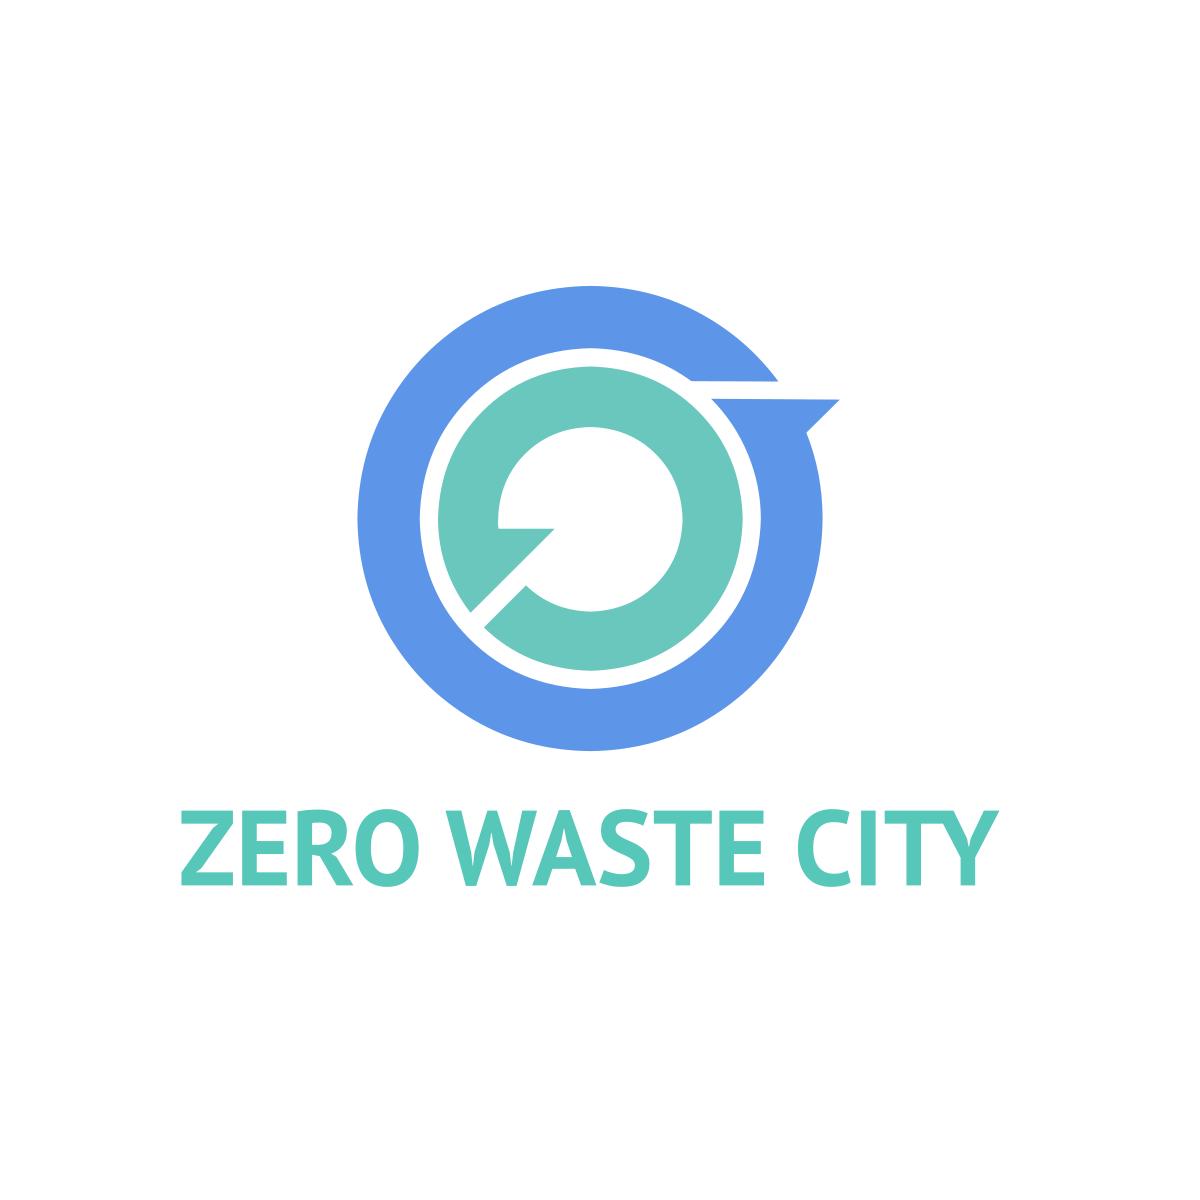 Zero Waste City